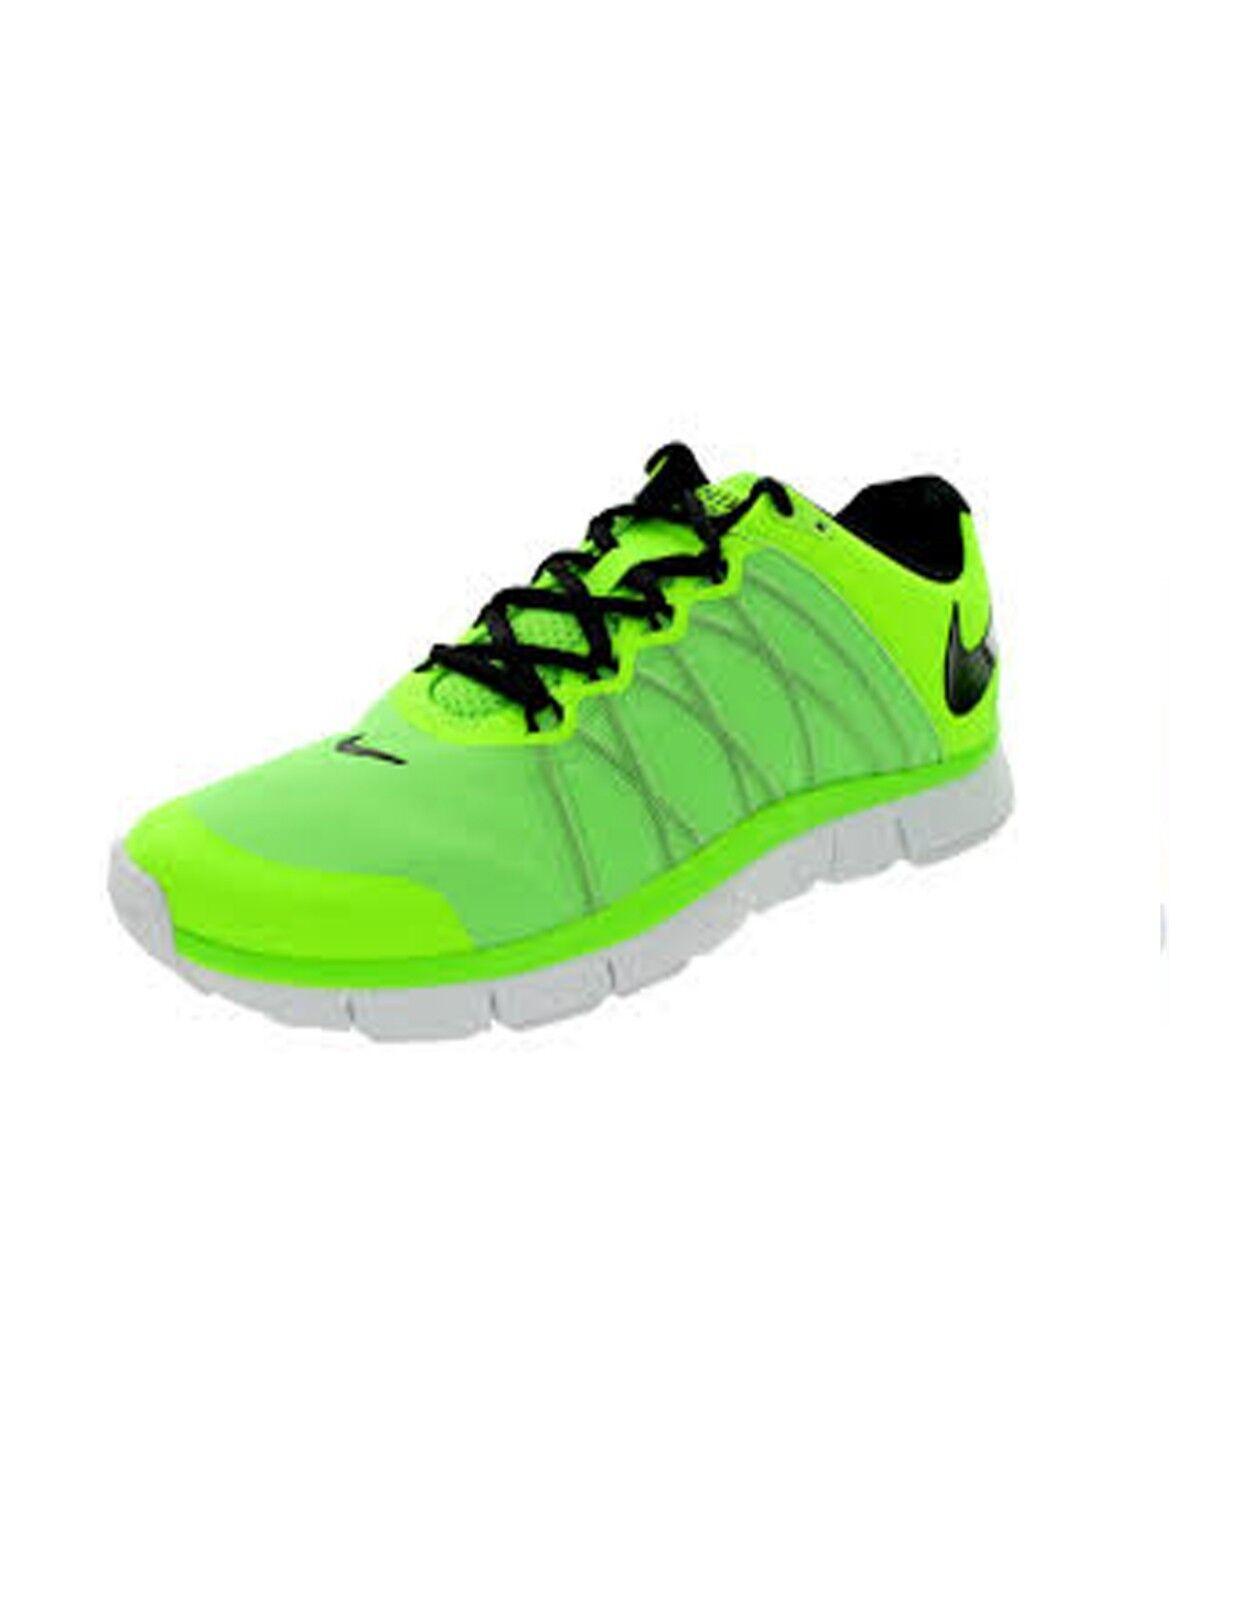 Nike Para Zapatos hombres Free Trainer 3.0 Zapatos Para  Nuevo Auténtico Verde eléctrico 630856301 71fc45